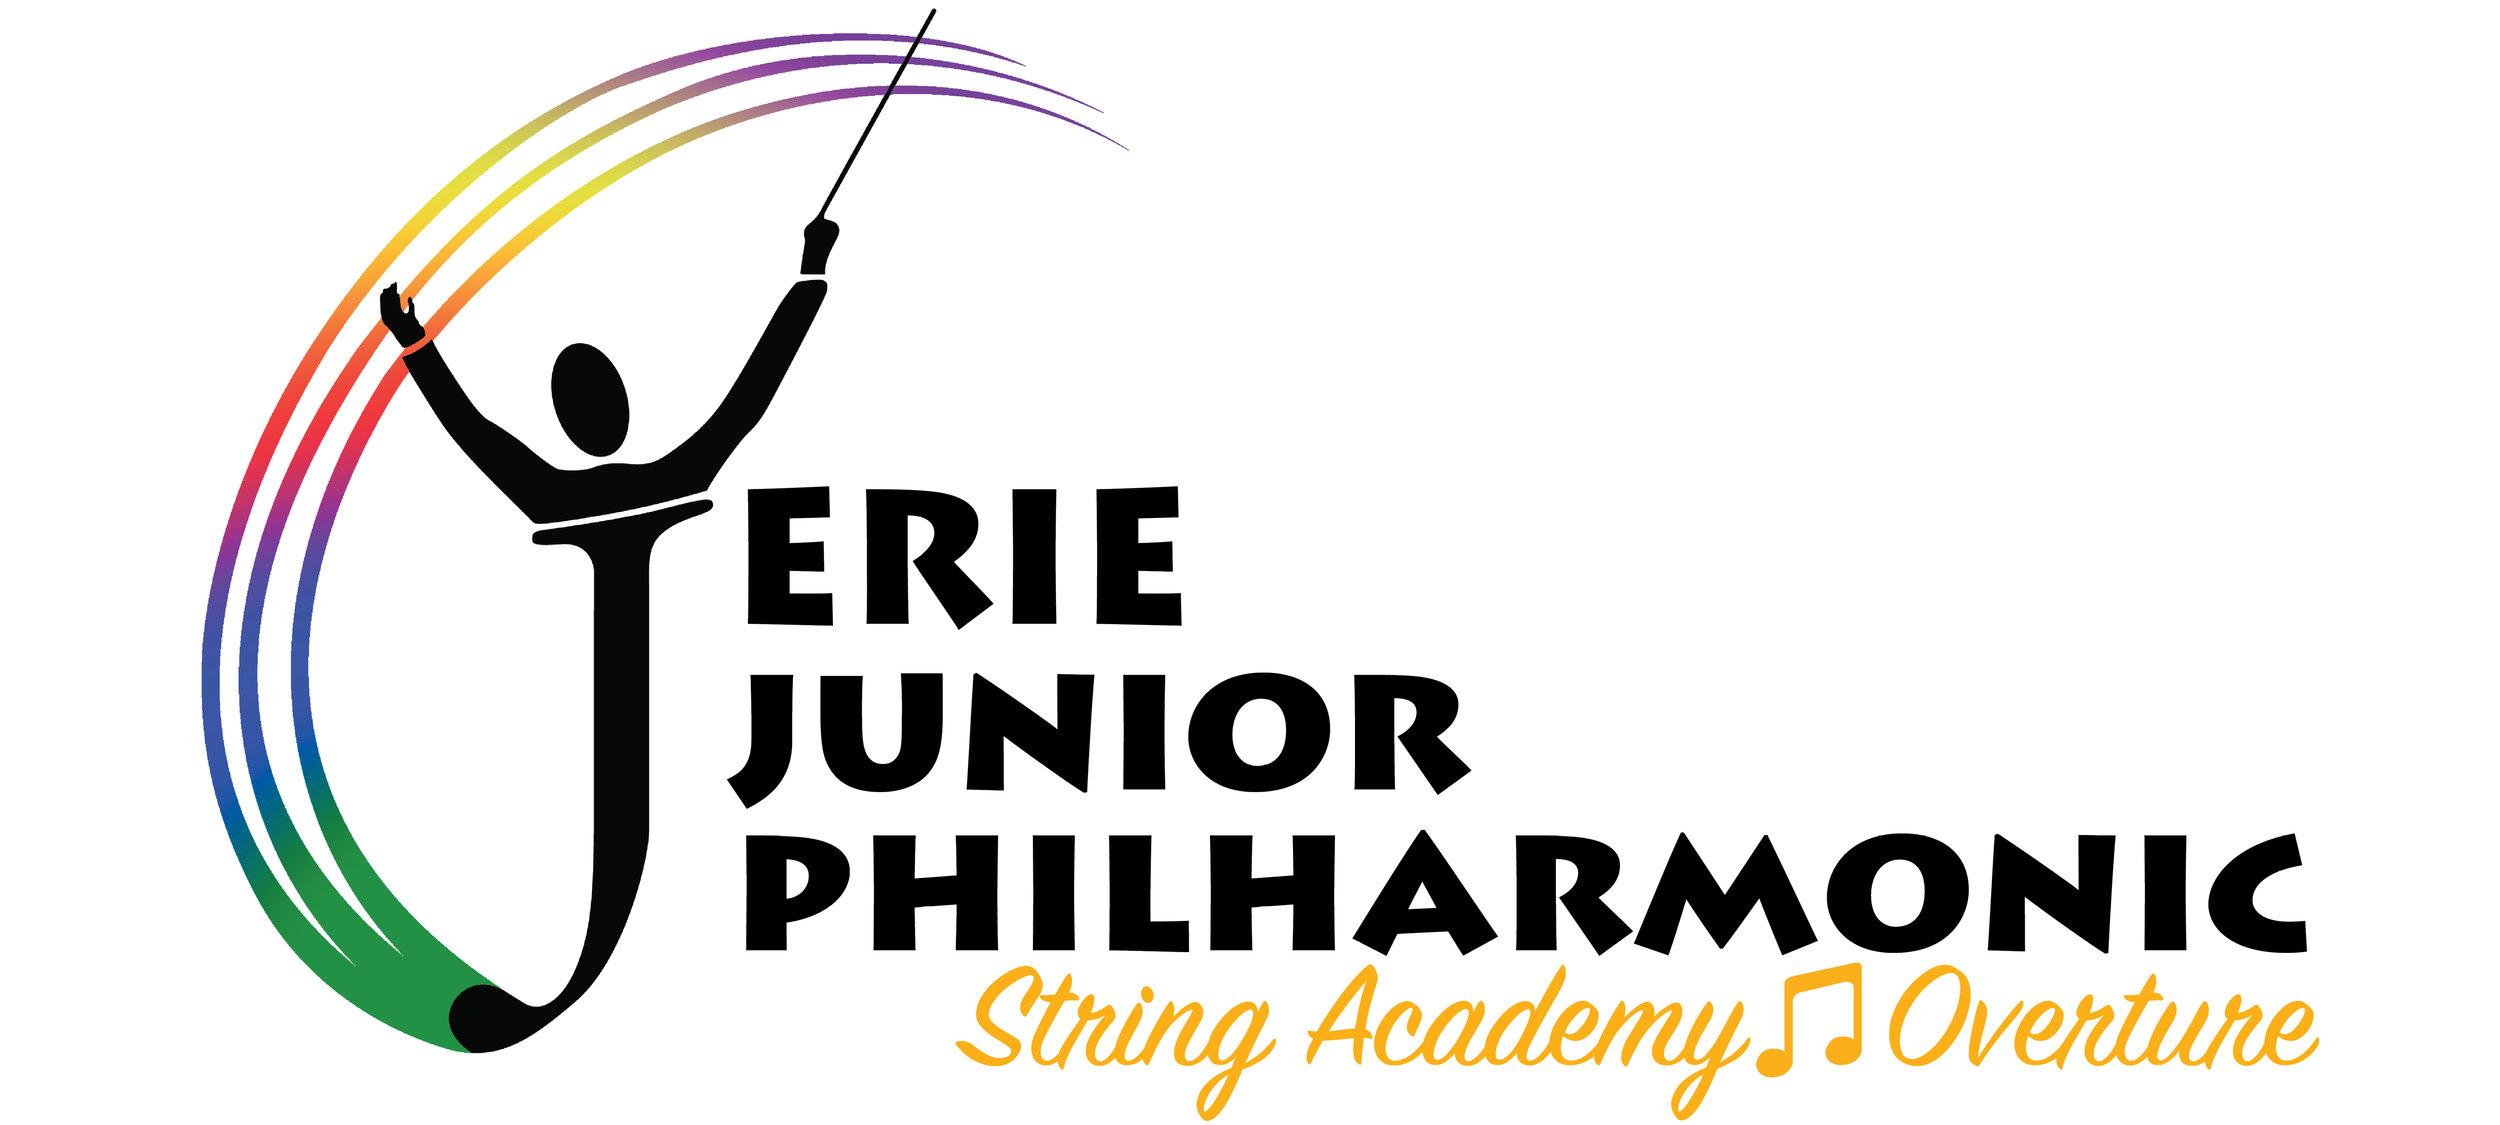 Jr. Phil Overture Srings LOGO.jpg